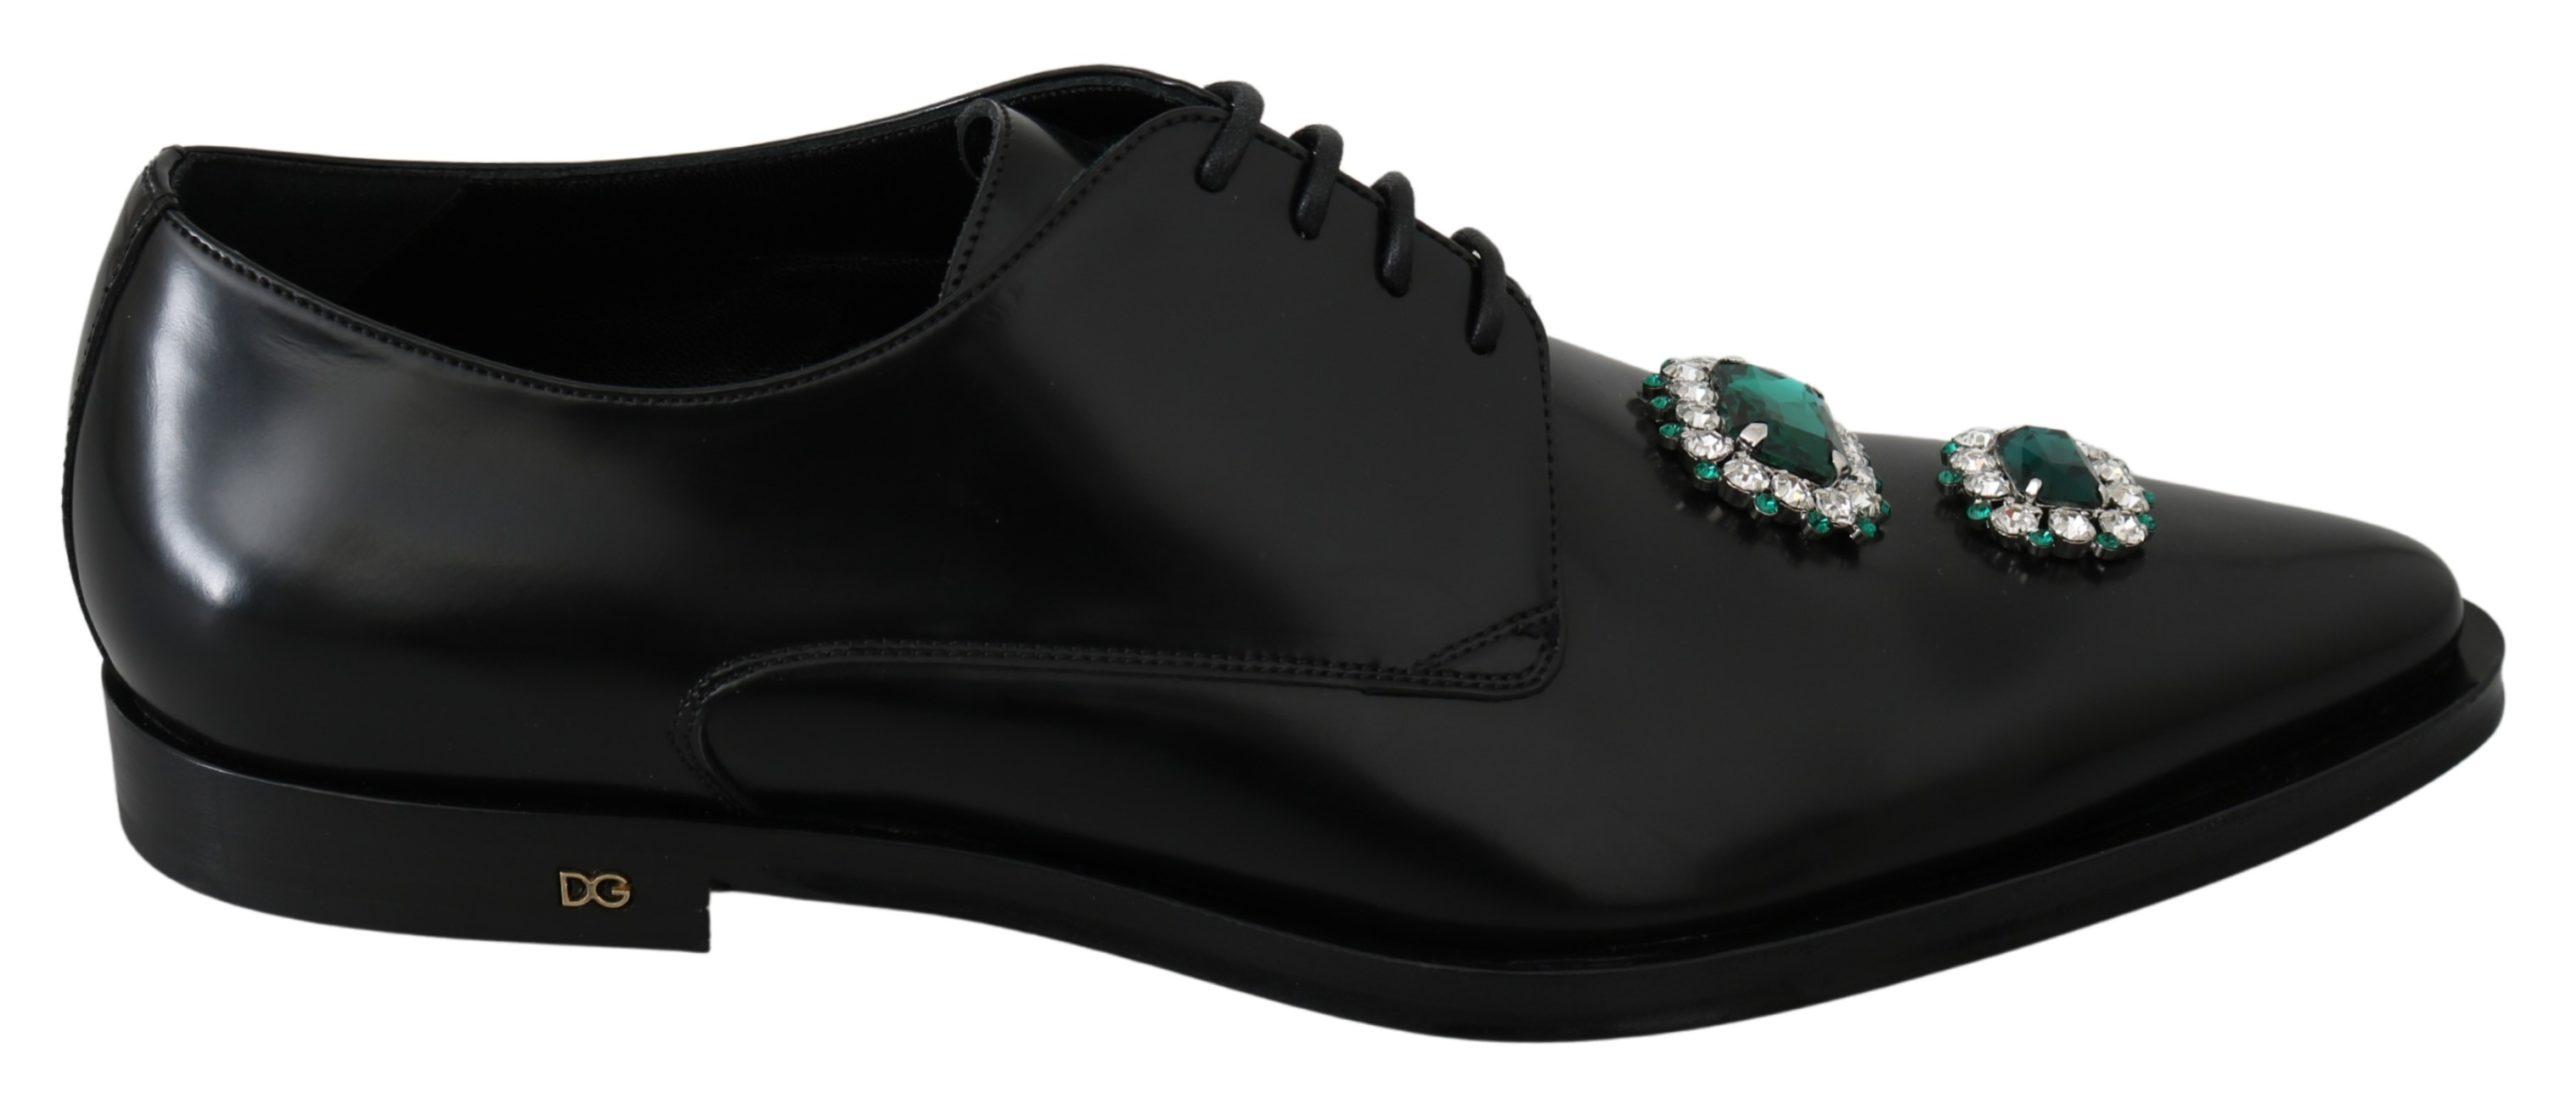 Dolce & Gabbana Men's Leather Crystals Formal Derby Shoe Black MV3014 - EU44/US11